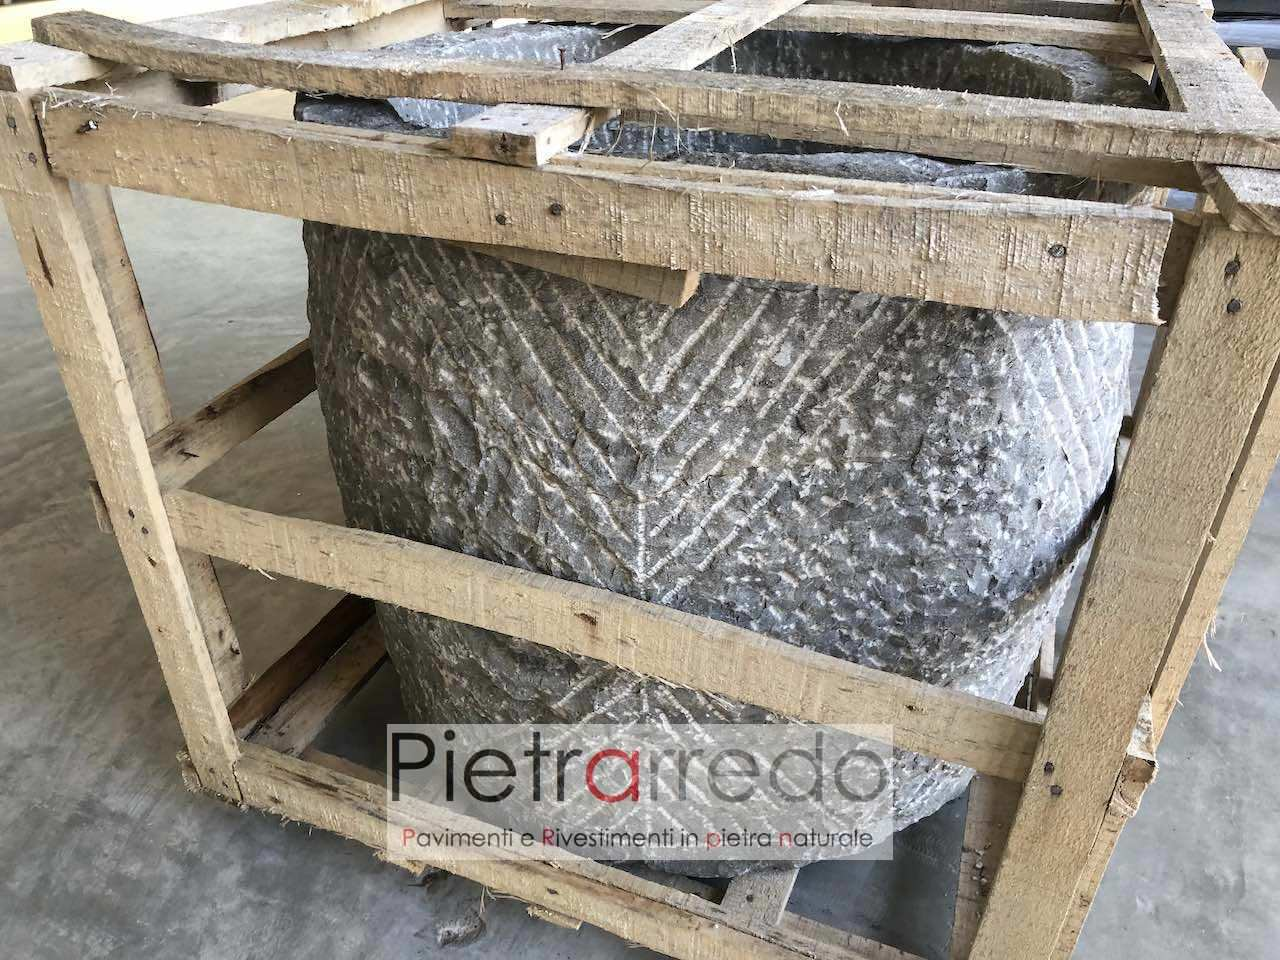 Vasca-pozzo in pietra fatta a mano, sasso naturale per arredo giardino